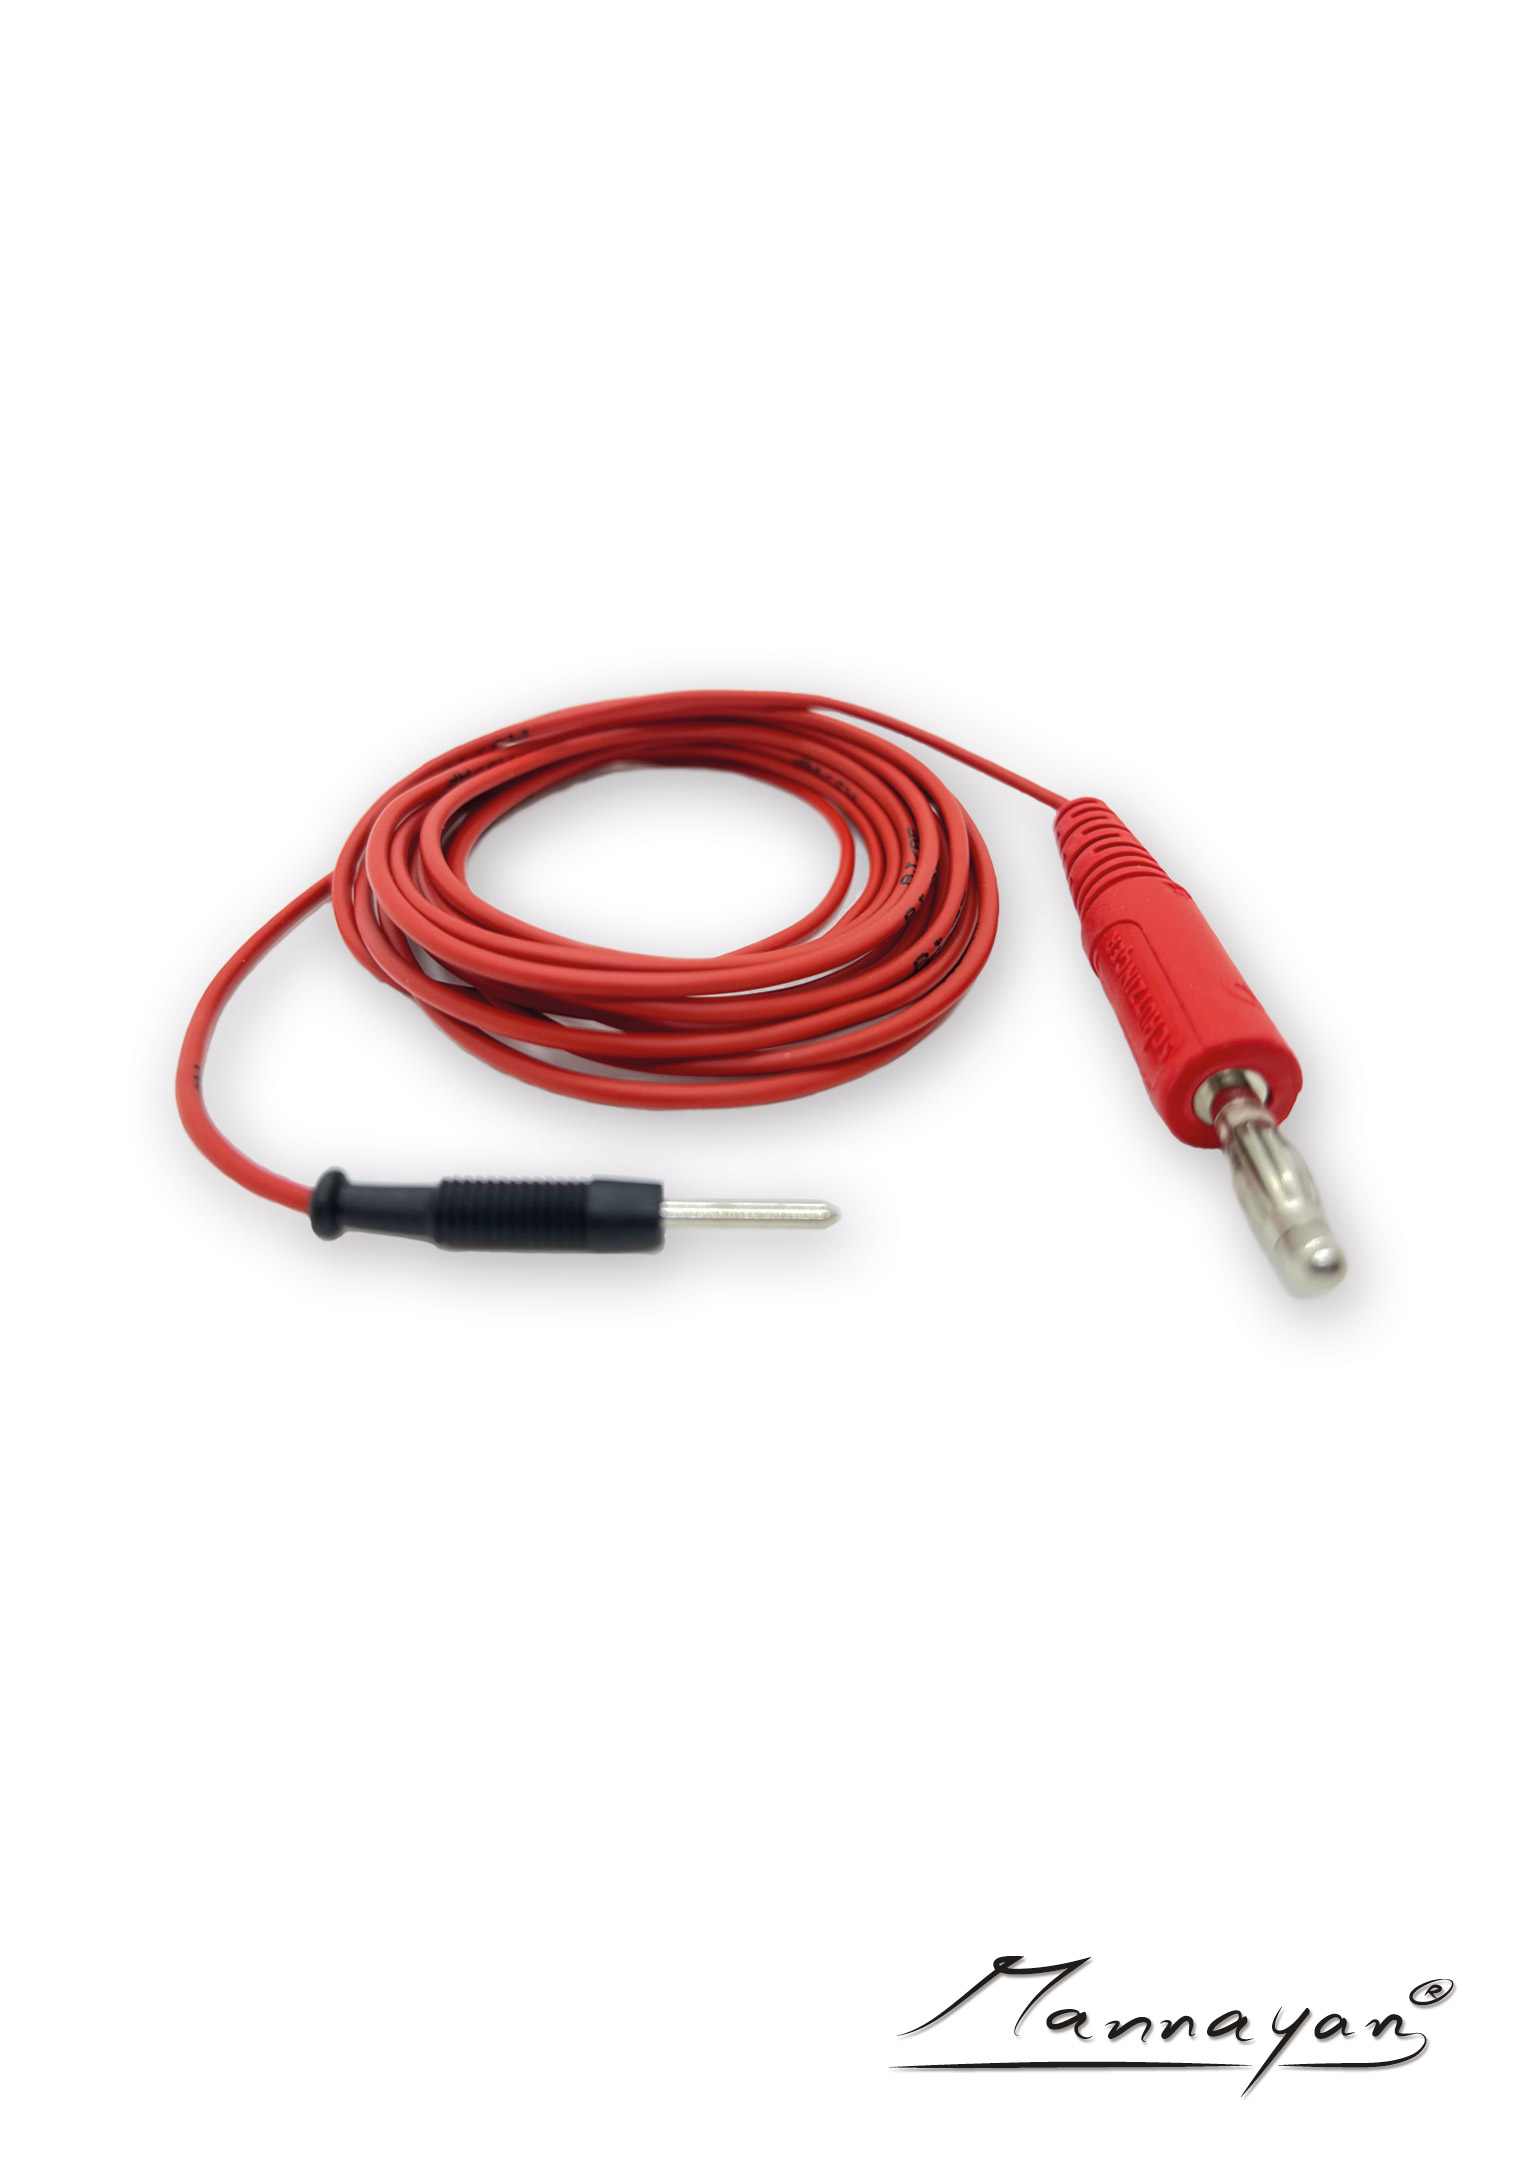 Kabel (2,5 m) mit Druckknopfadapter für Stoff-/ Flächenelektrode (rot)